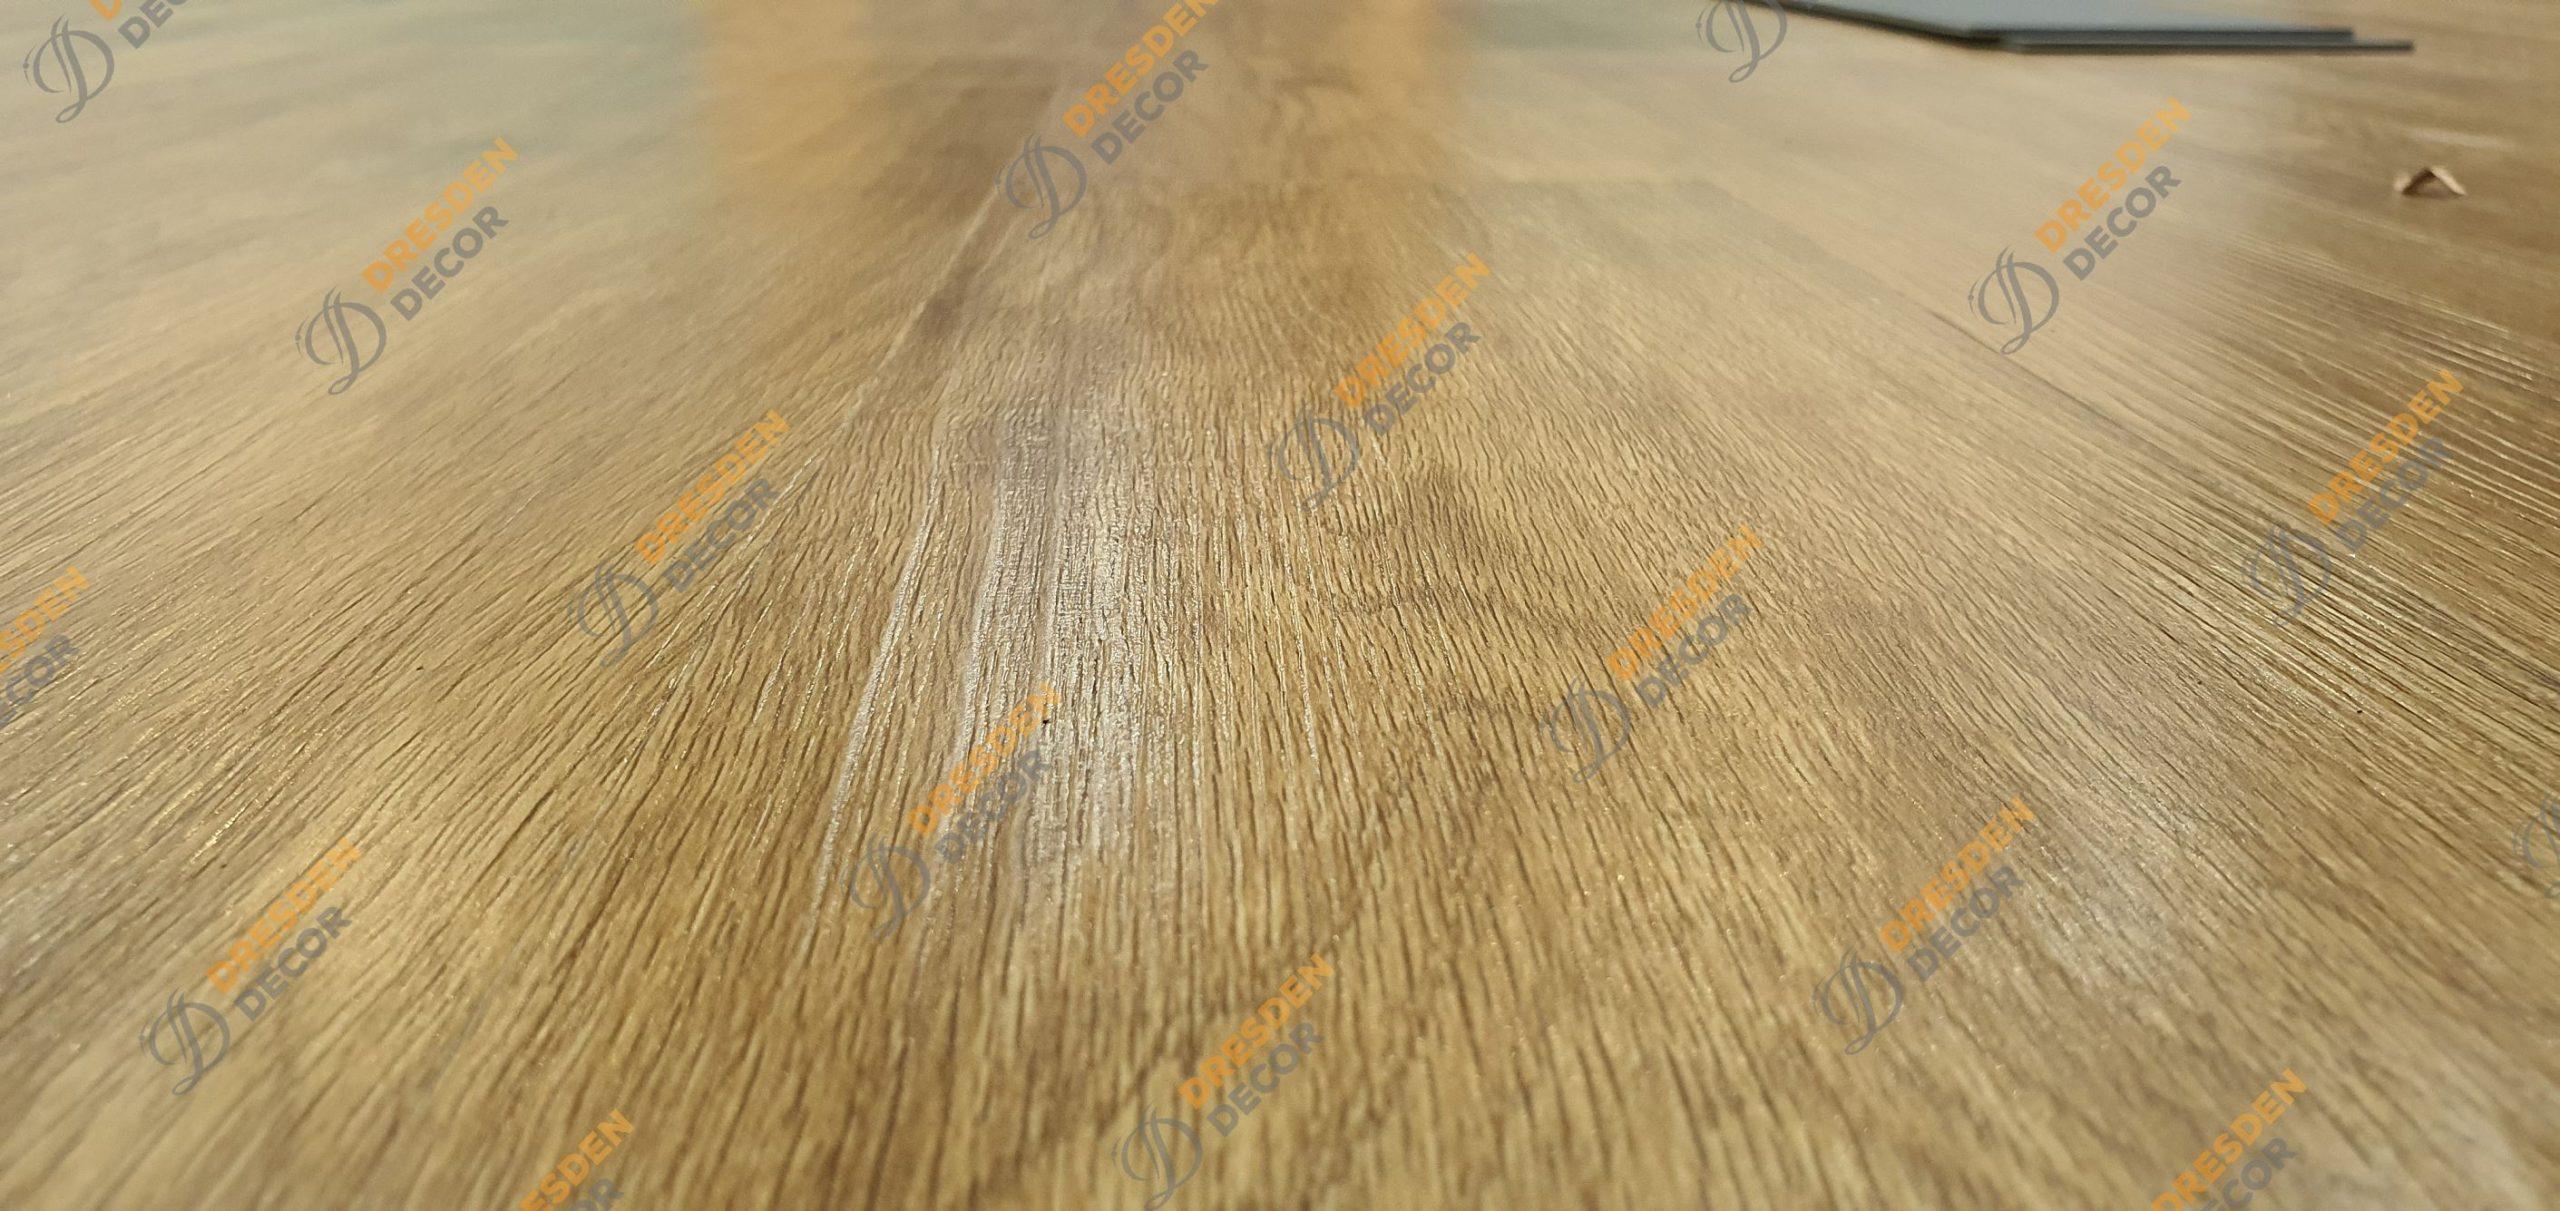 SKJ(T) HICOM Library-3.0mm Vinyl Plank